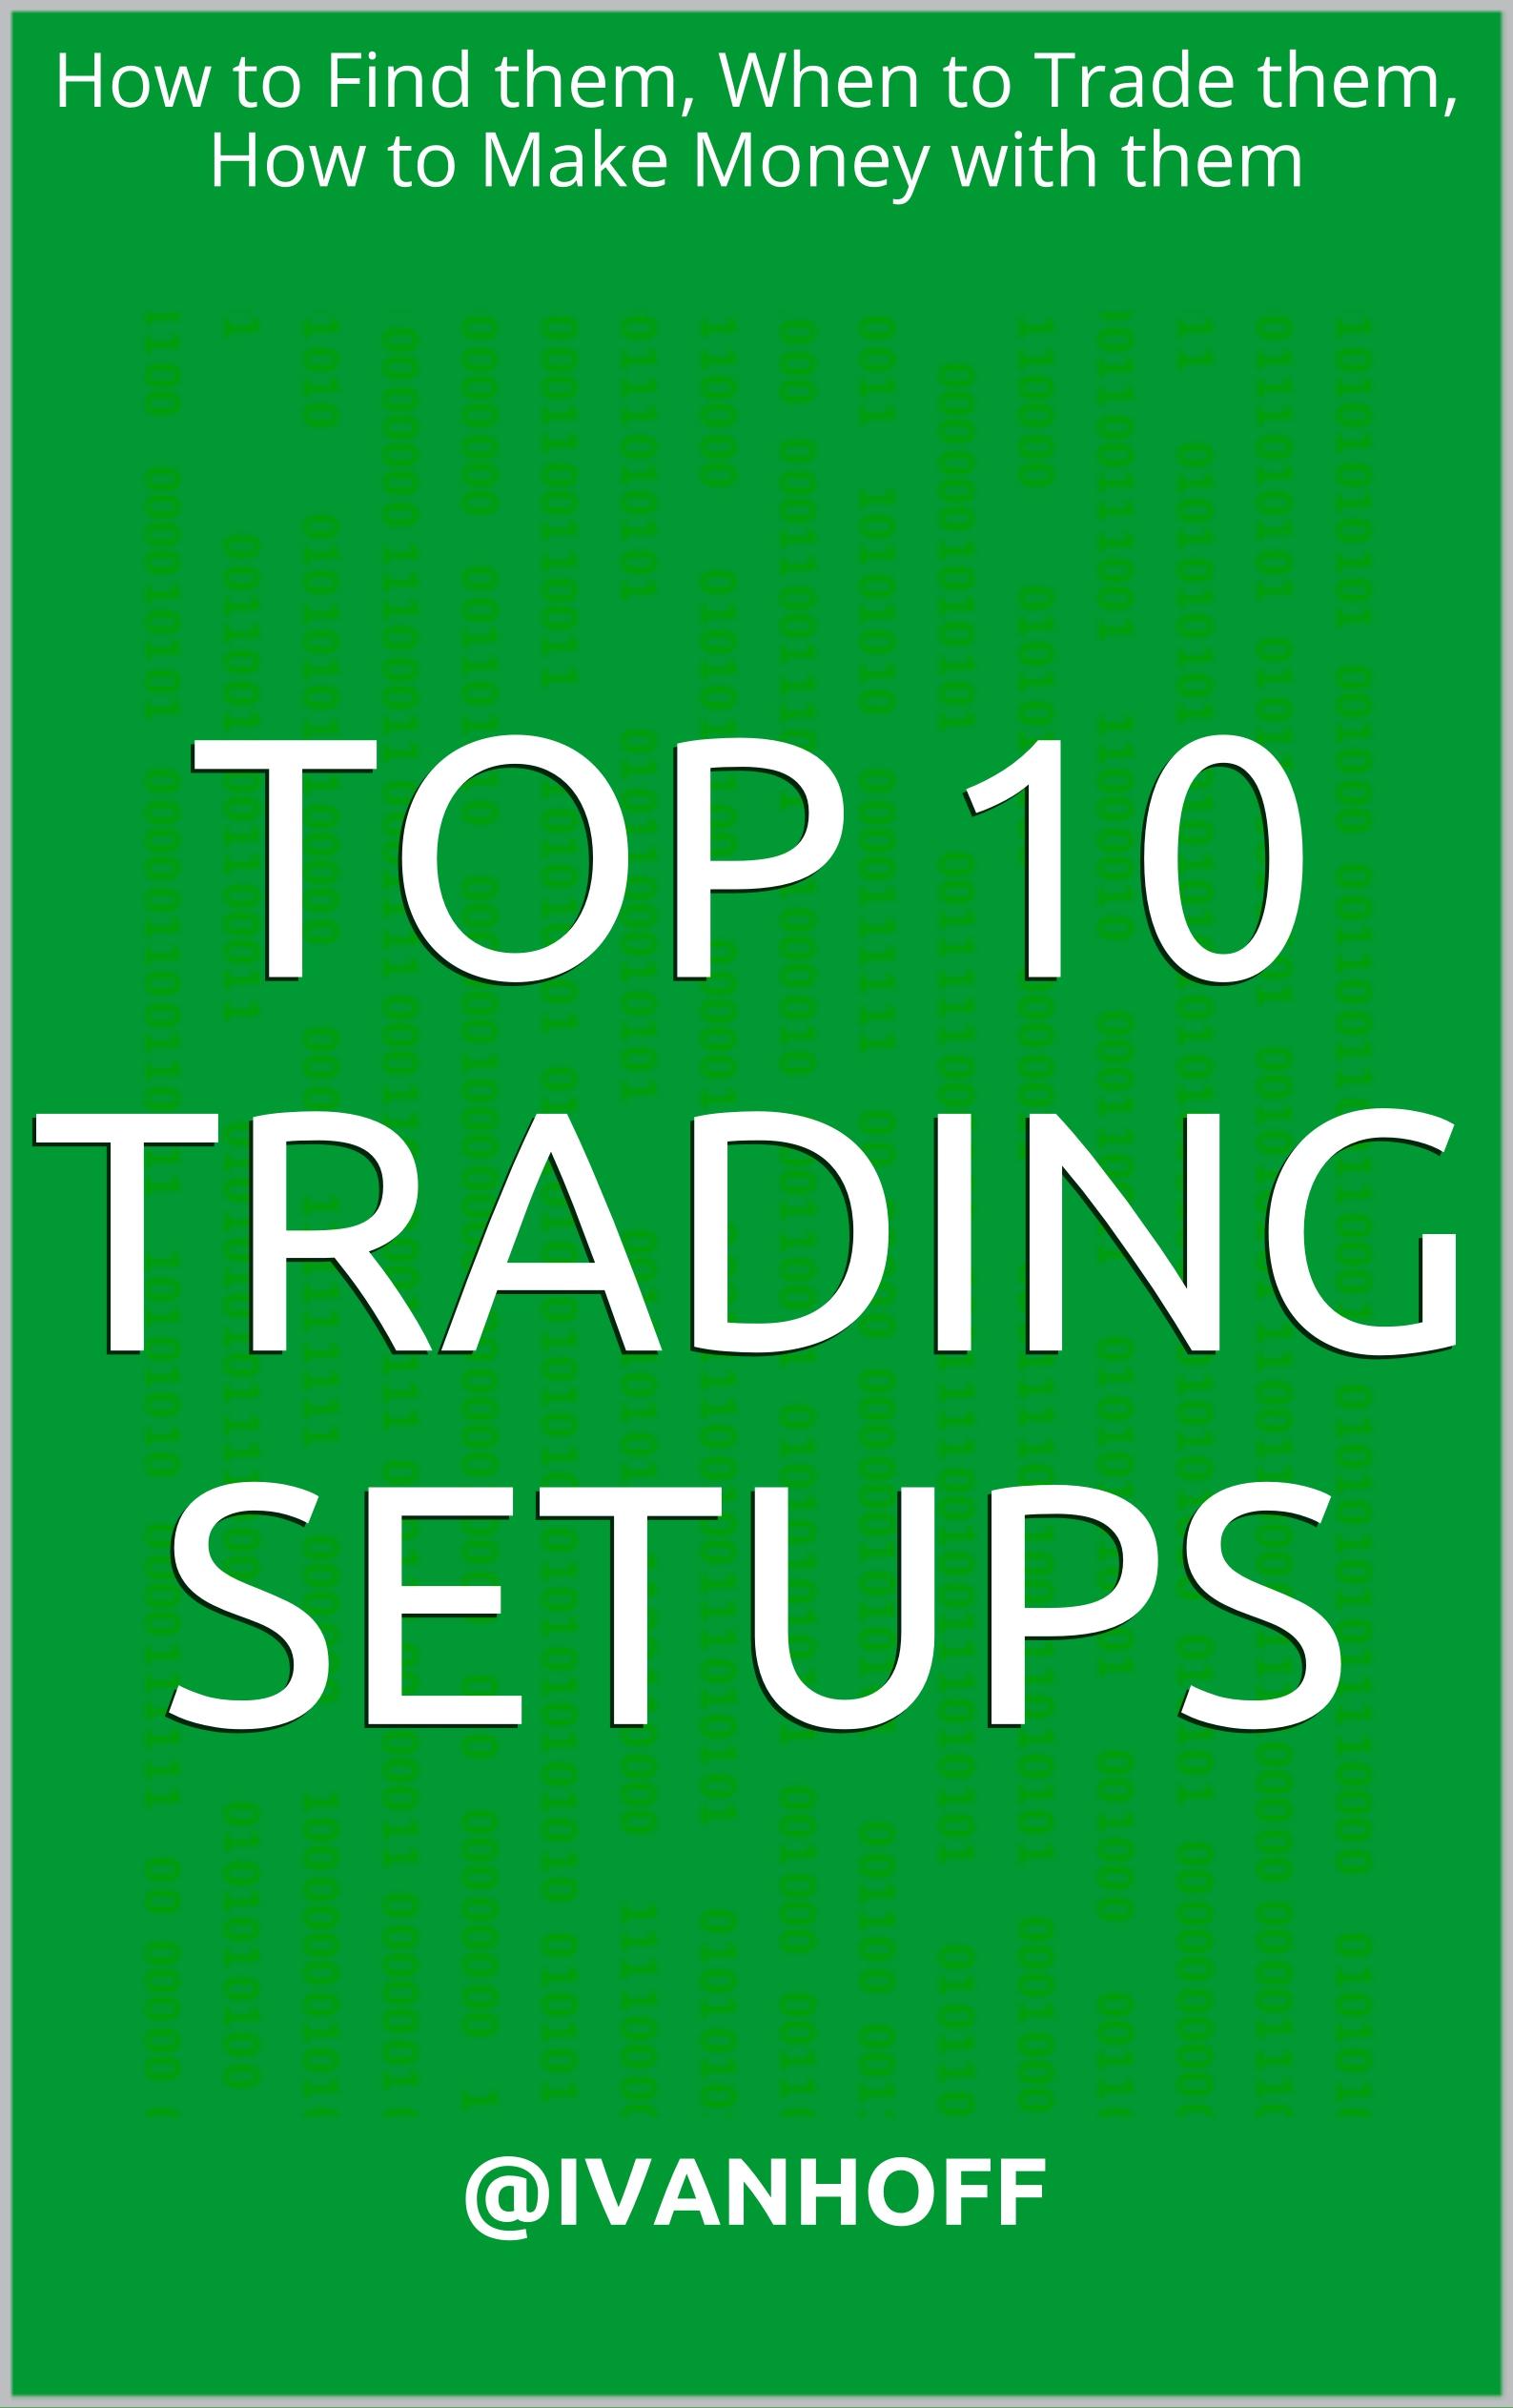 Top 10 Trading Setups